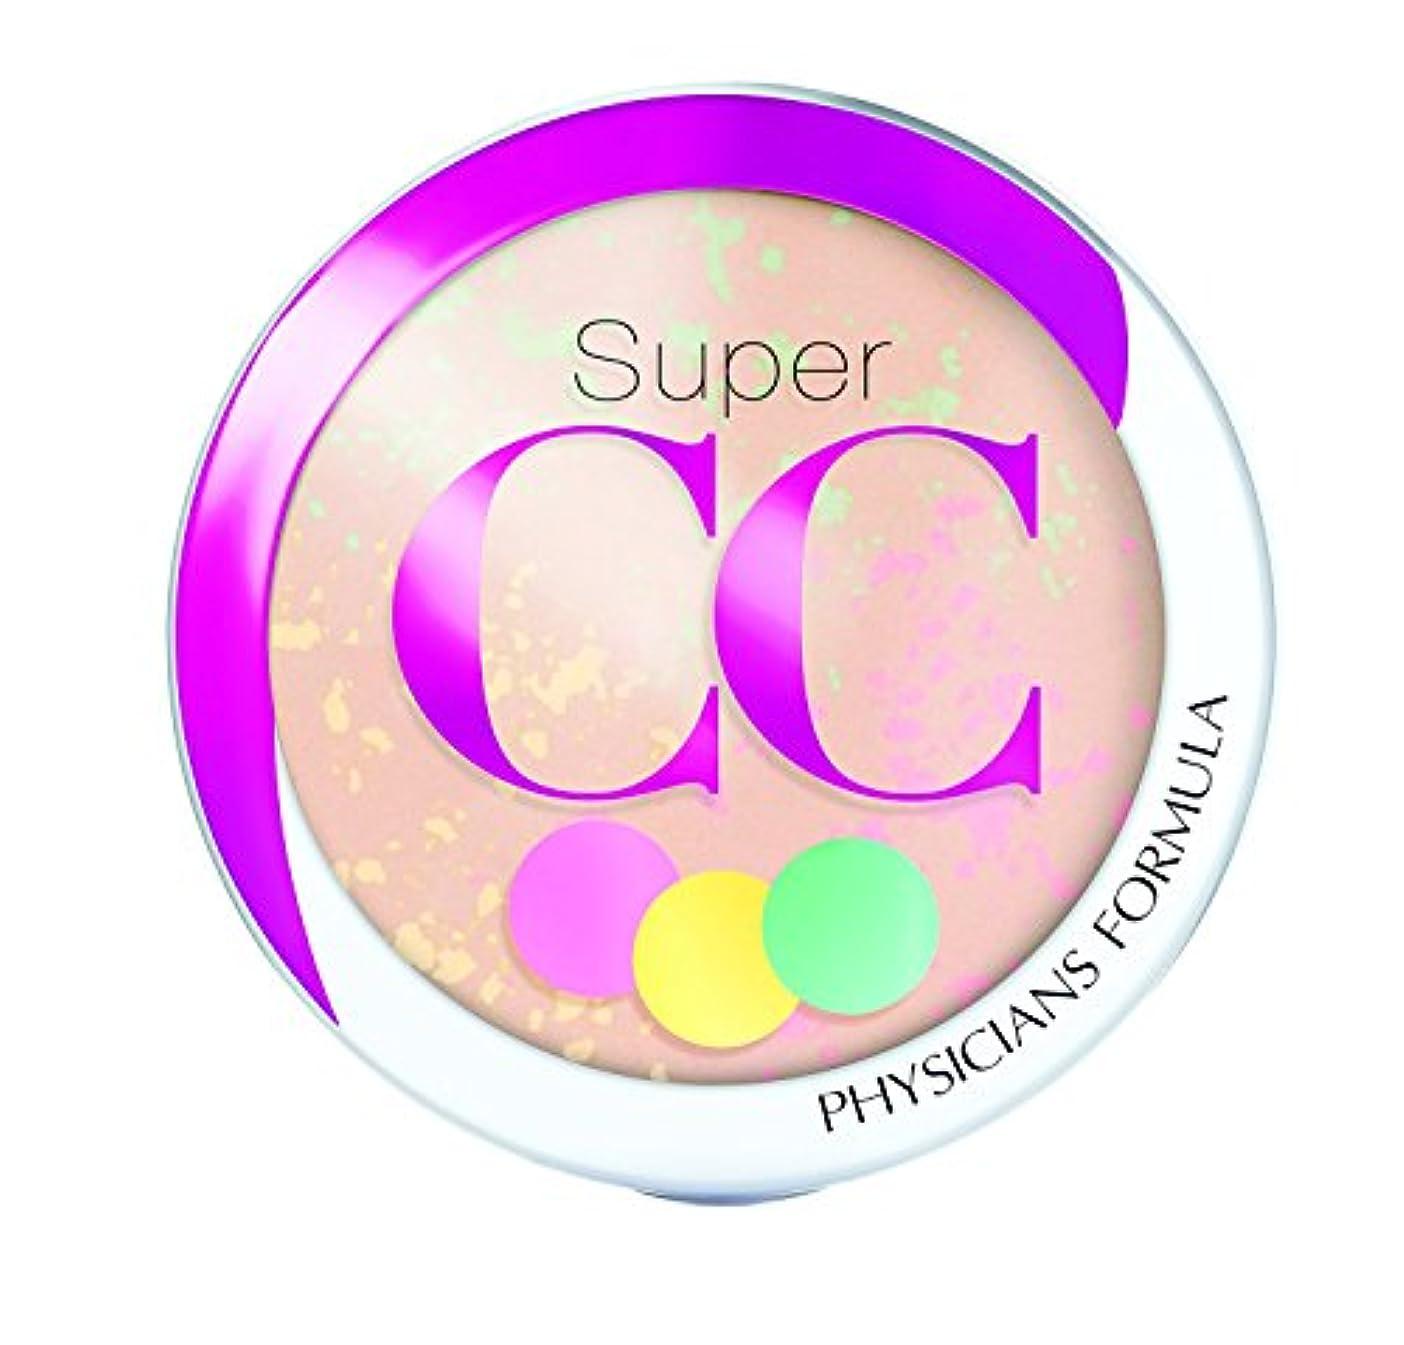 ジャンクションいらいらする建築PHYSICIANS FORMULA Super CC+ Color-Correction + Care CC+ Powder SPF 30 - Light/Medium